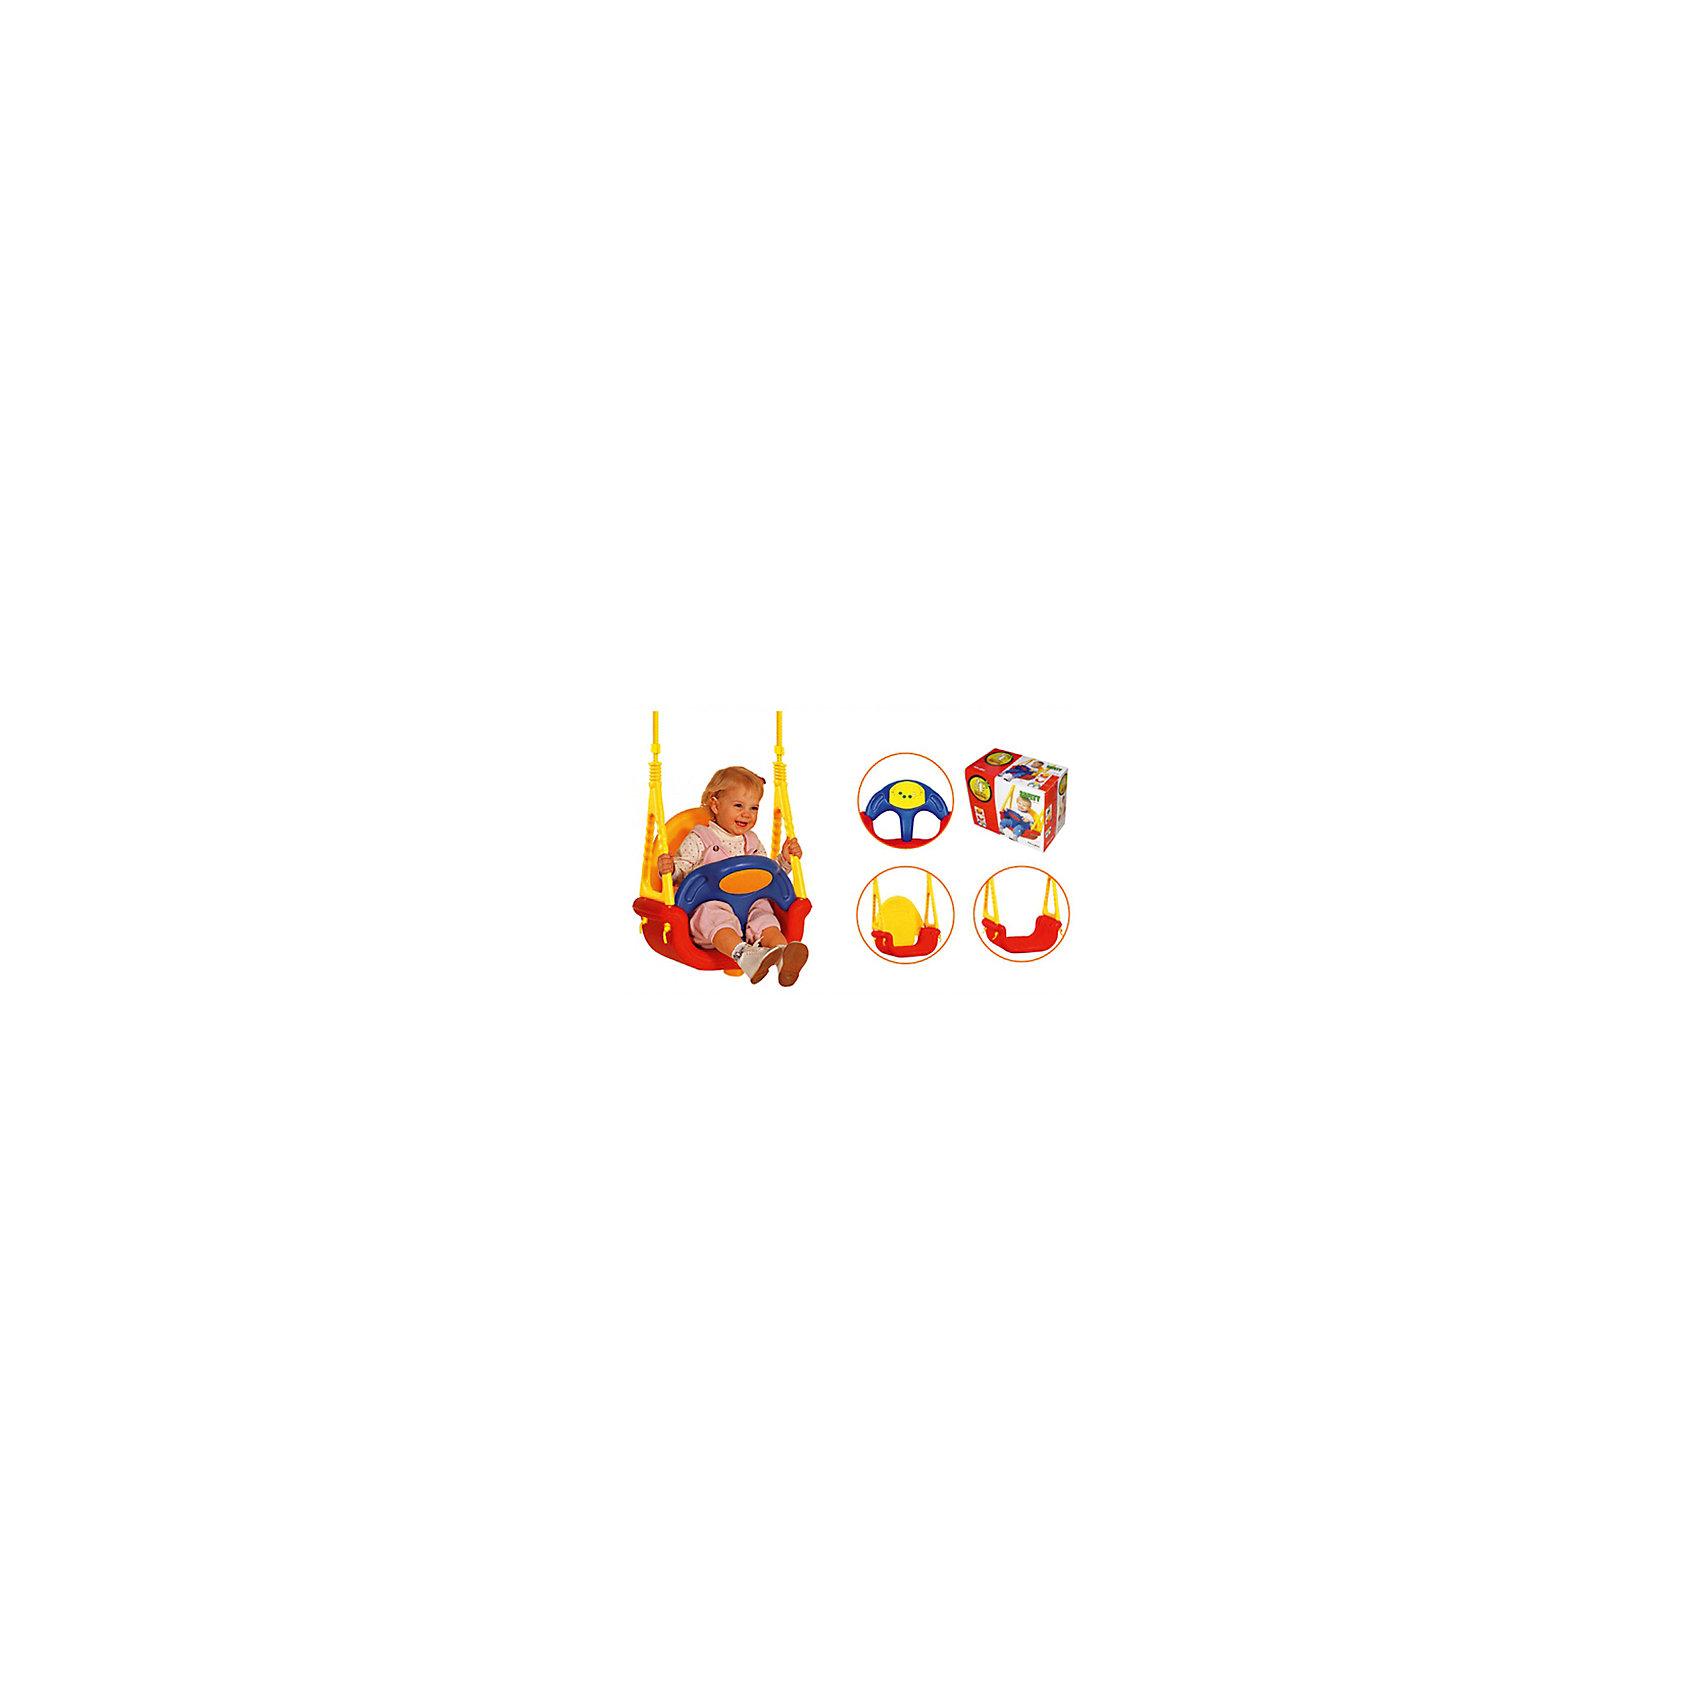 Качели подвесные 4+ Мелодия, Edu-PlayУдобные подвесные качели-трасформер позволят занять ребенка, не беспокоясь при этом о его безопасности. Яркий цвет качелей привлечет внимание малыша. Безопасность ребенка во время качания обеспечивает бампер и мягкий ограничитель, который не даст малышу выпасть. Конструкция надежно крепится, крепежные элементы входят в комплект.<br>Качели можно легко снять. Конструкция  - очень прочная, каркас выполнен из массива березы. Изделие произведено из качественных и безопасных для малышей материалов, оно соответствуют всем современным требованиям безопасности.<br> <br>Дополнительная информация:<br><br>цвет: разноцветный;<br>материал: дерево, текстиль;<br>снабжены музыкальной панелью;<br>удобное сиденье;<br>3 варианта сборки сидения;<br>размеры: 82,5х54х50,5 см;<br>вес: 3,98 кг;<br>возраст: от 6-ти месяцев до 6 лет.<br><br>Качели подвесные 4+ Мелодия от компании Edu-Play можно купить в нашем магазине.<br><br>Ширина мм: 393<br>Глубина мм: 260<br>Высота мм: 480<br>Вес г: 4600<br>Возраст от месяцев: 6<br>Возраст до месяцев: 72<br>Пол: Унисекс<br>Возраст: Детский<br>SKU: 4720040